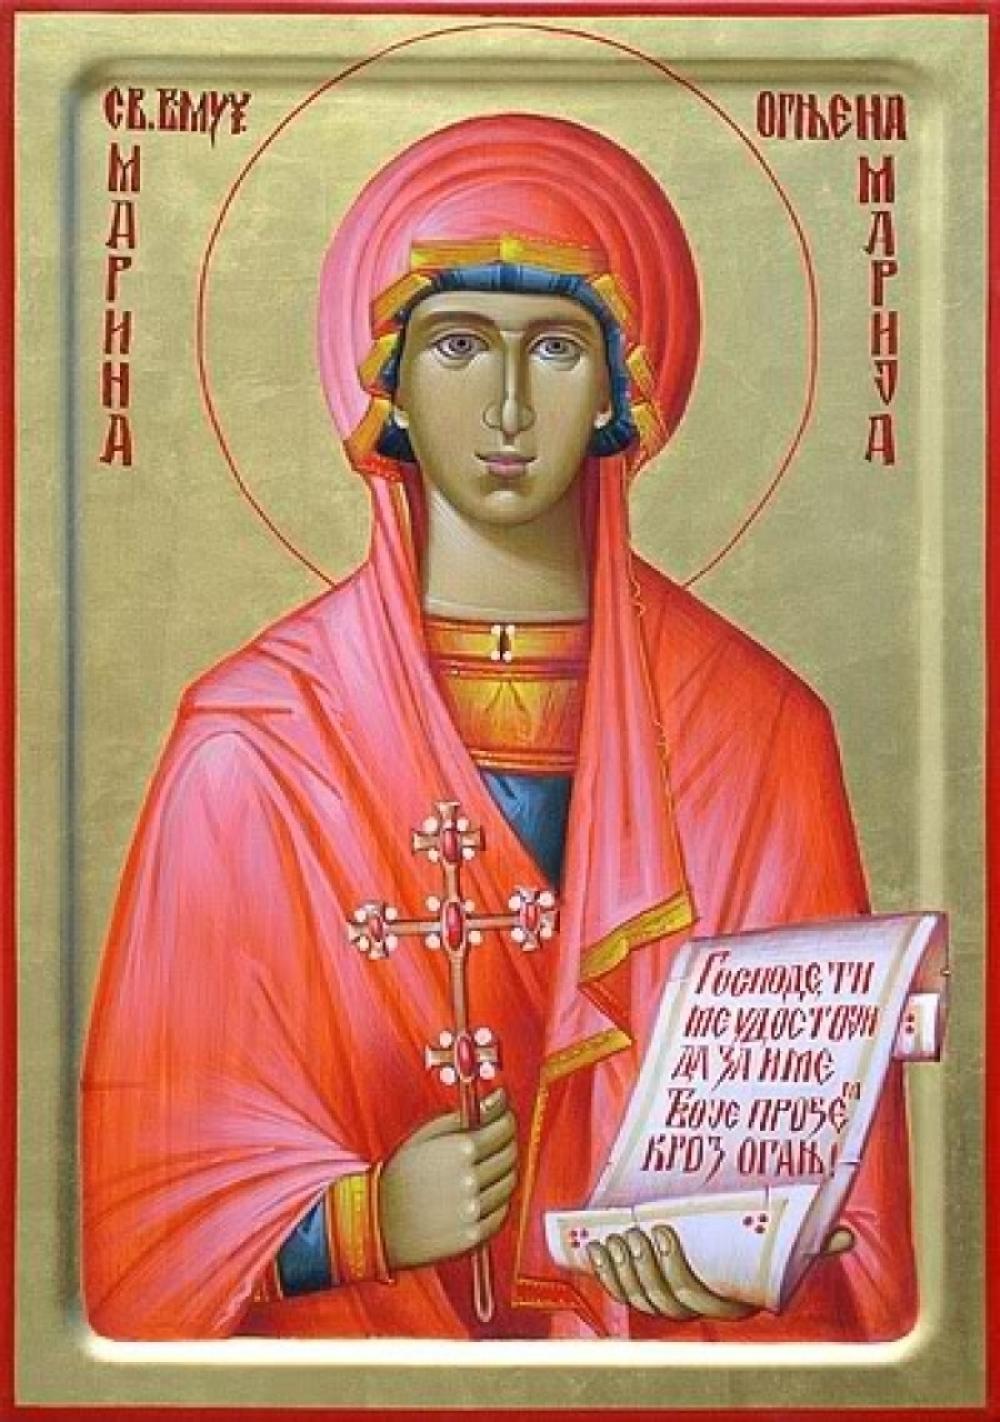 Danas obeležavamo praznik Ognjena Marija